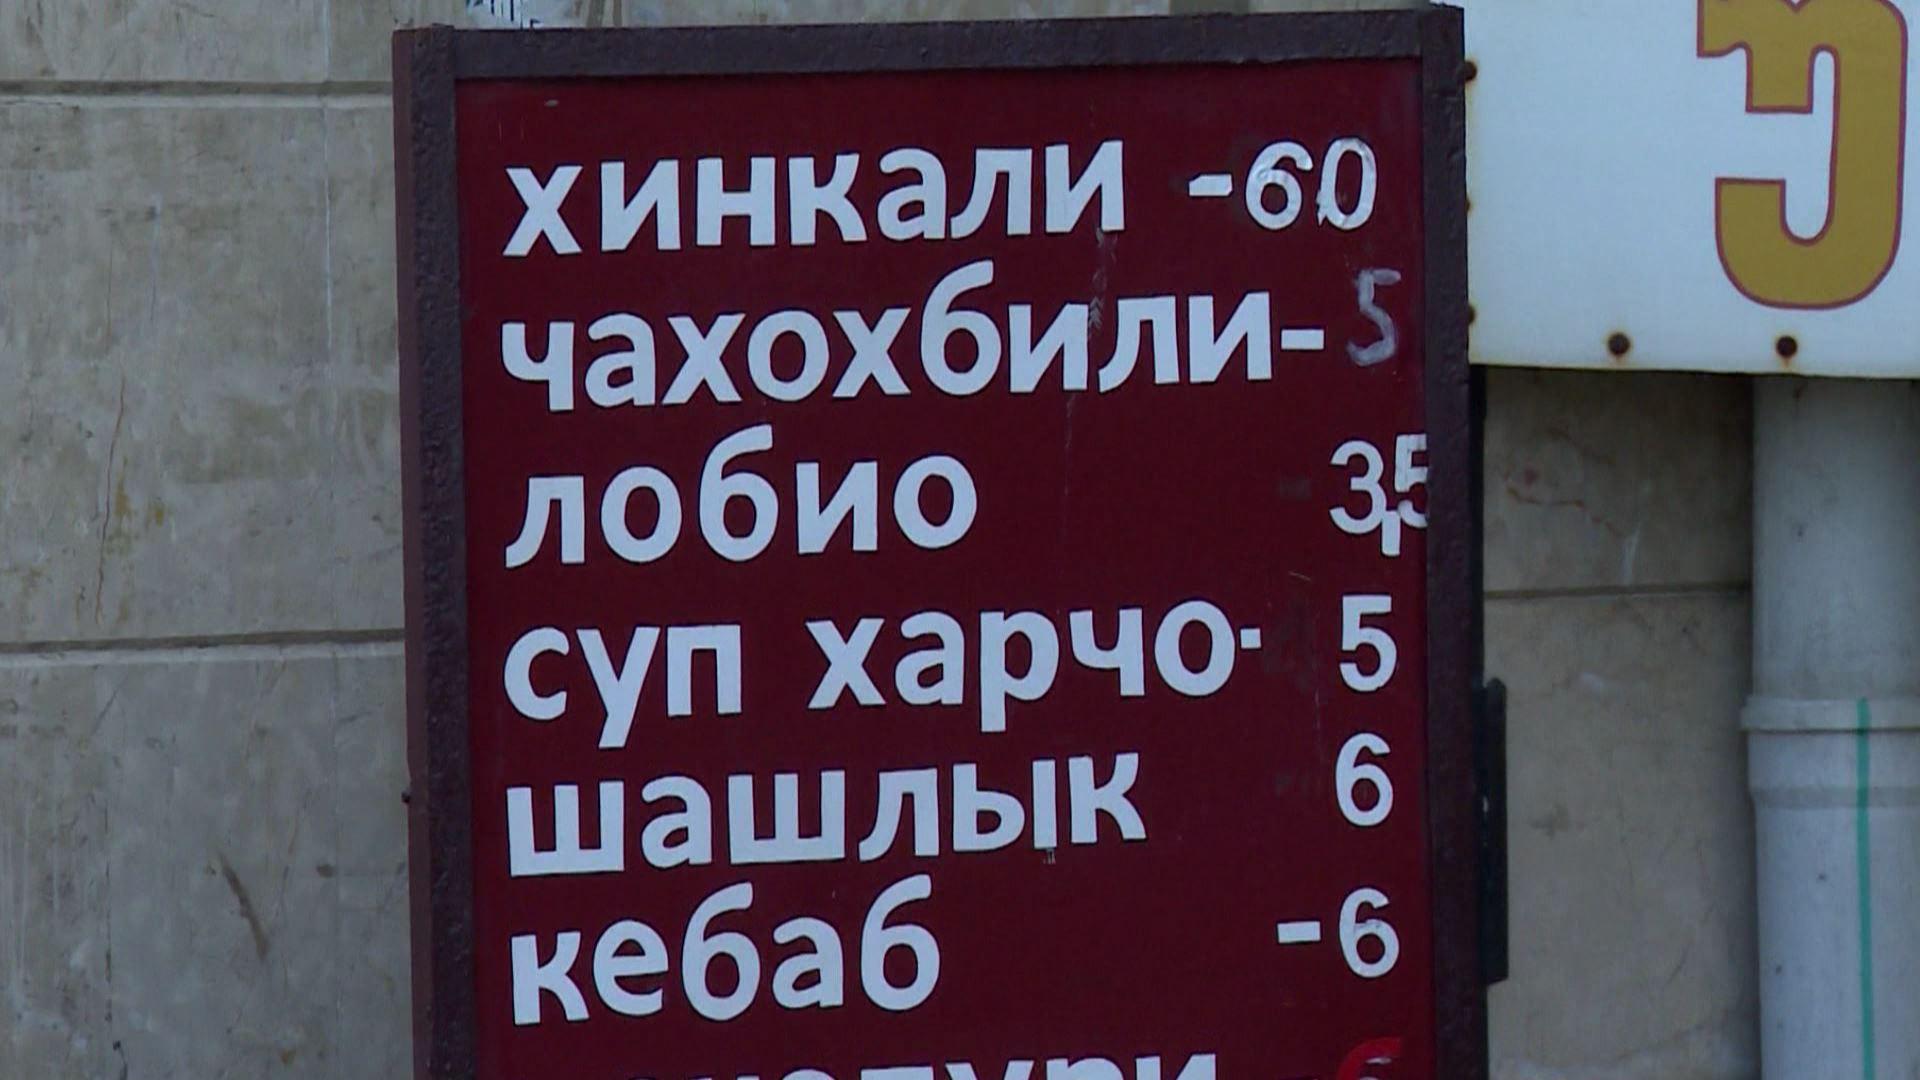 რუსულენოვანი აბრები ტურისტულ ზონაში